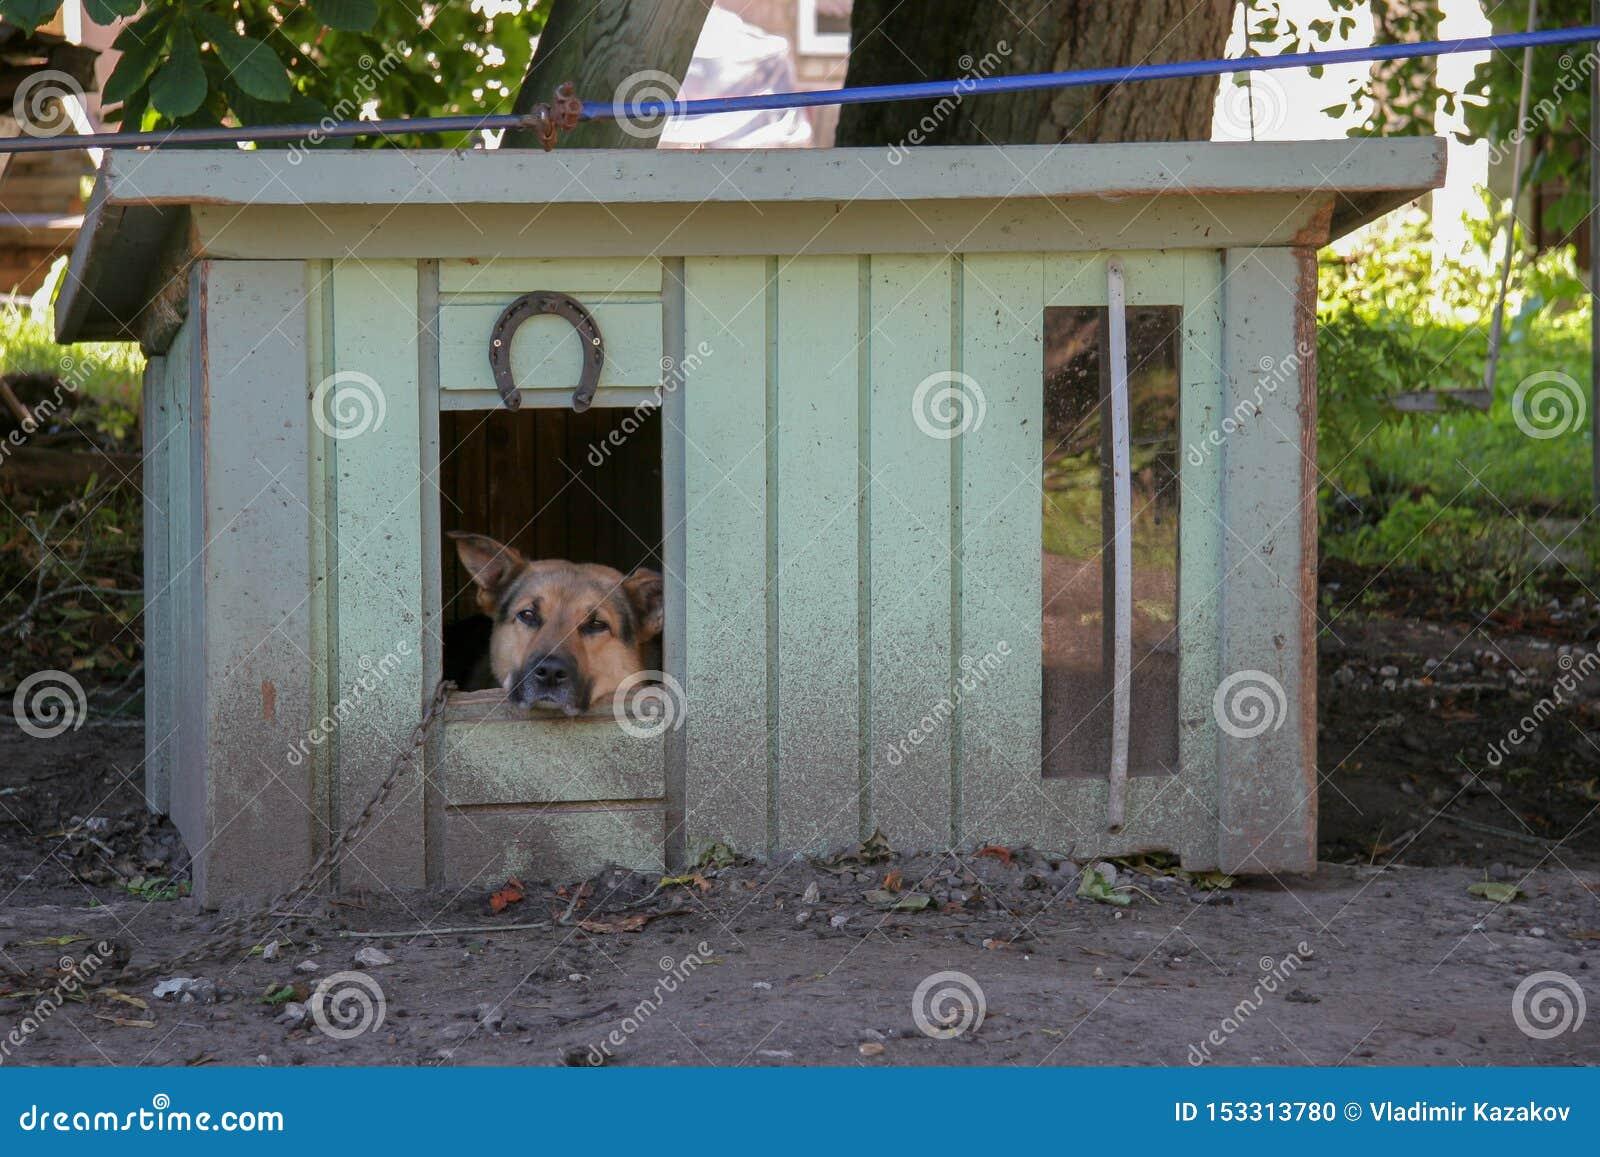 Un perro de pastor triste se sienta en una cabina en una cadena y miradas en la cámara Primer